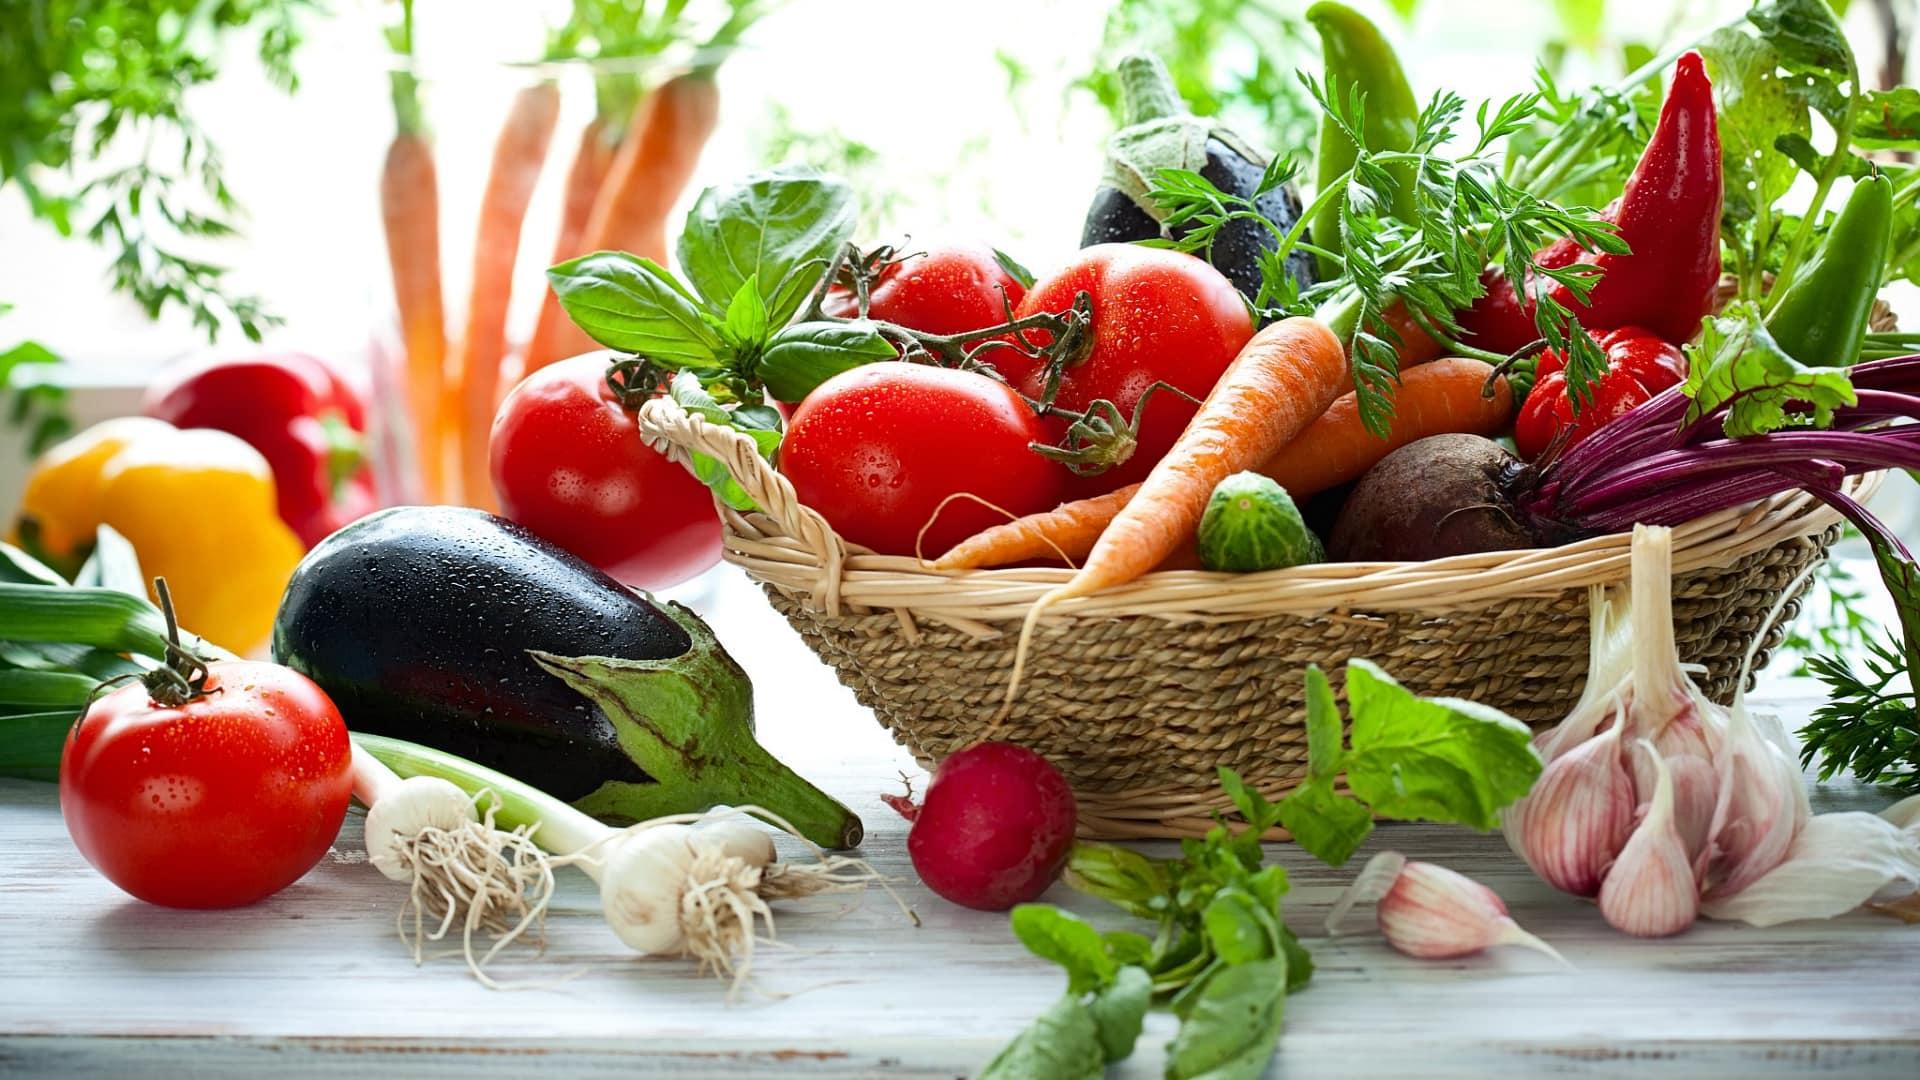 Таблица севооборота на огороде, дачном участке: чередование овощных культур, предшественники